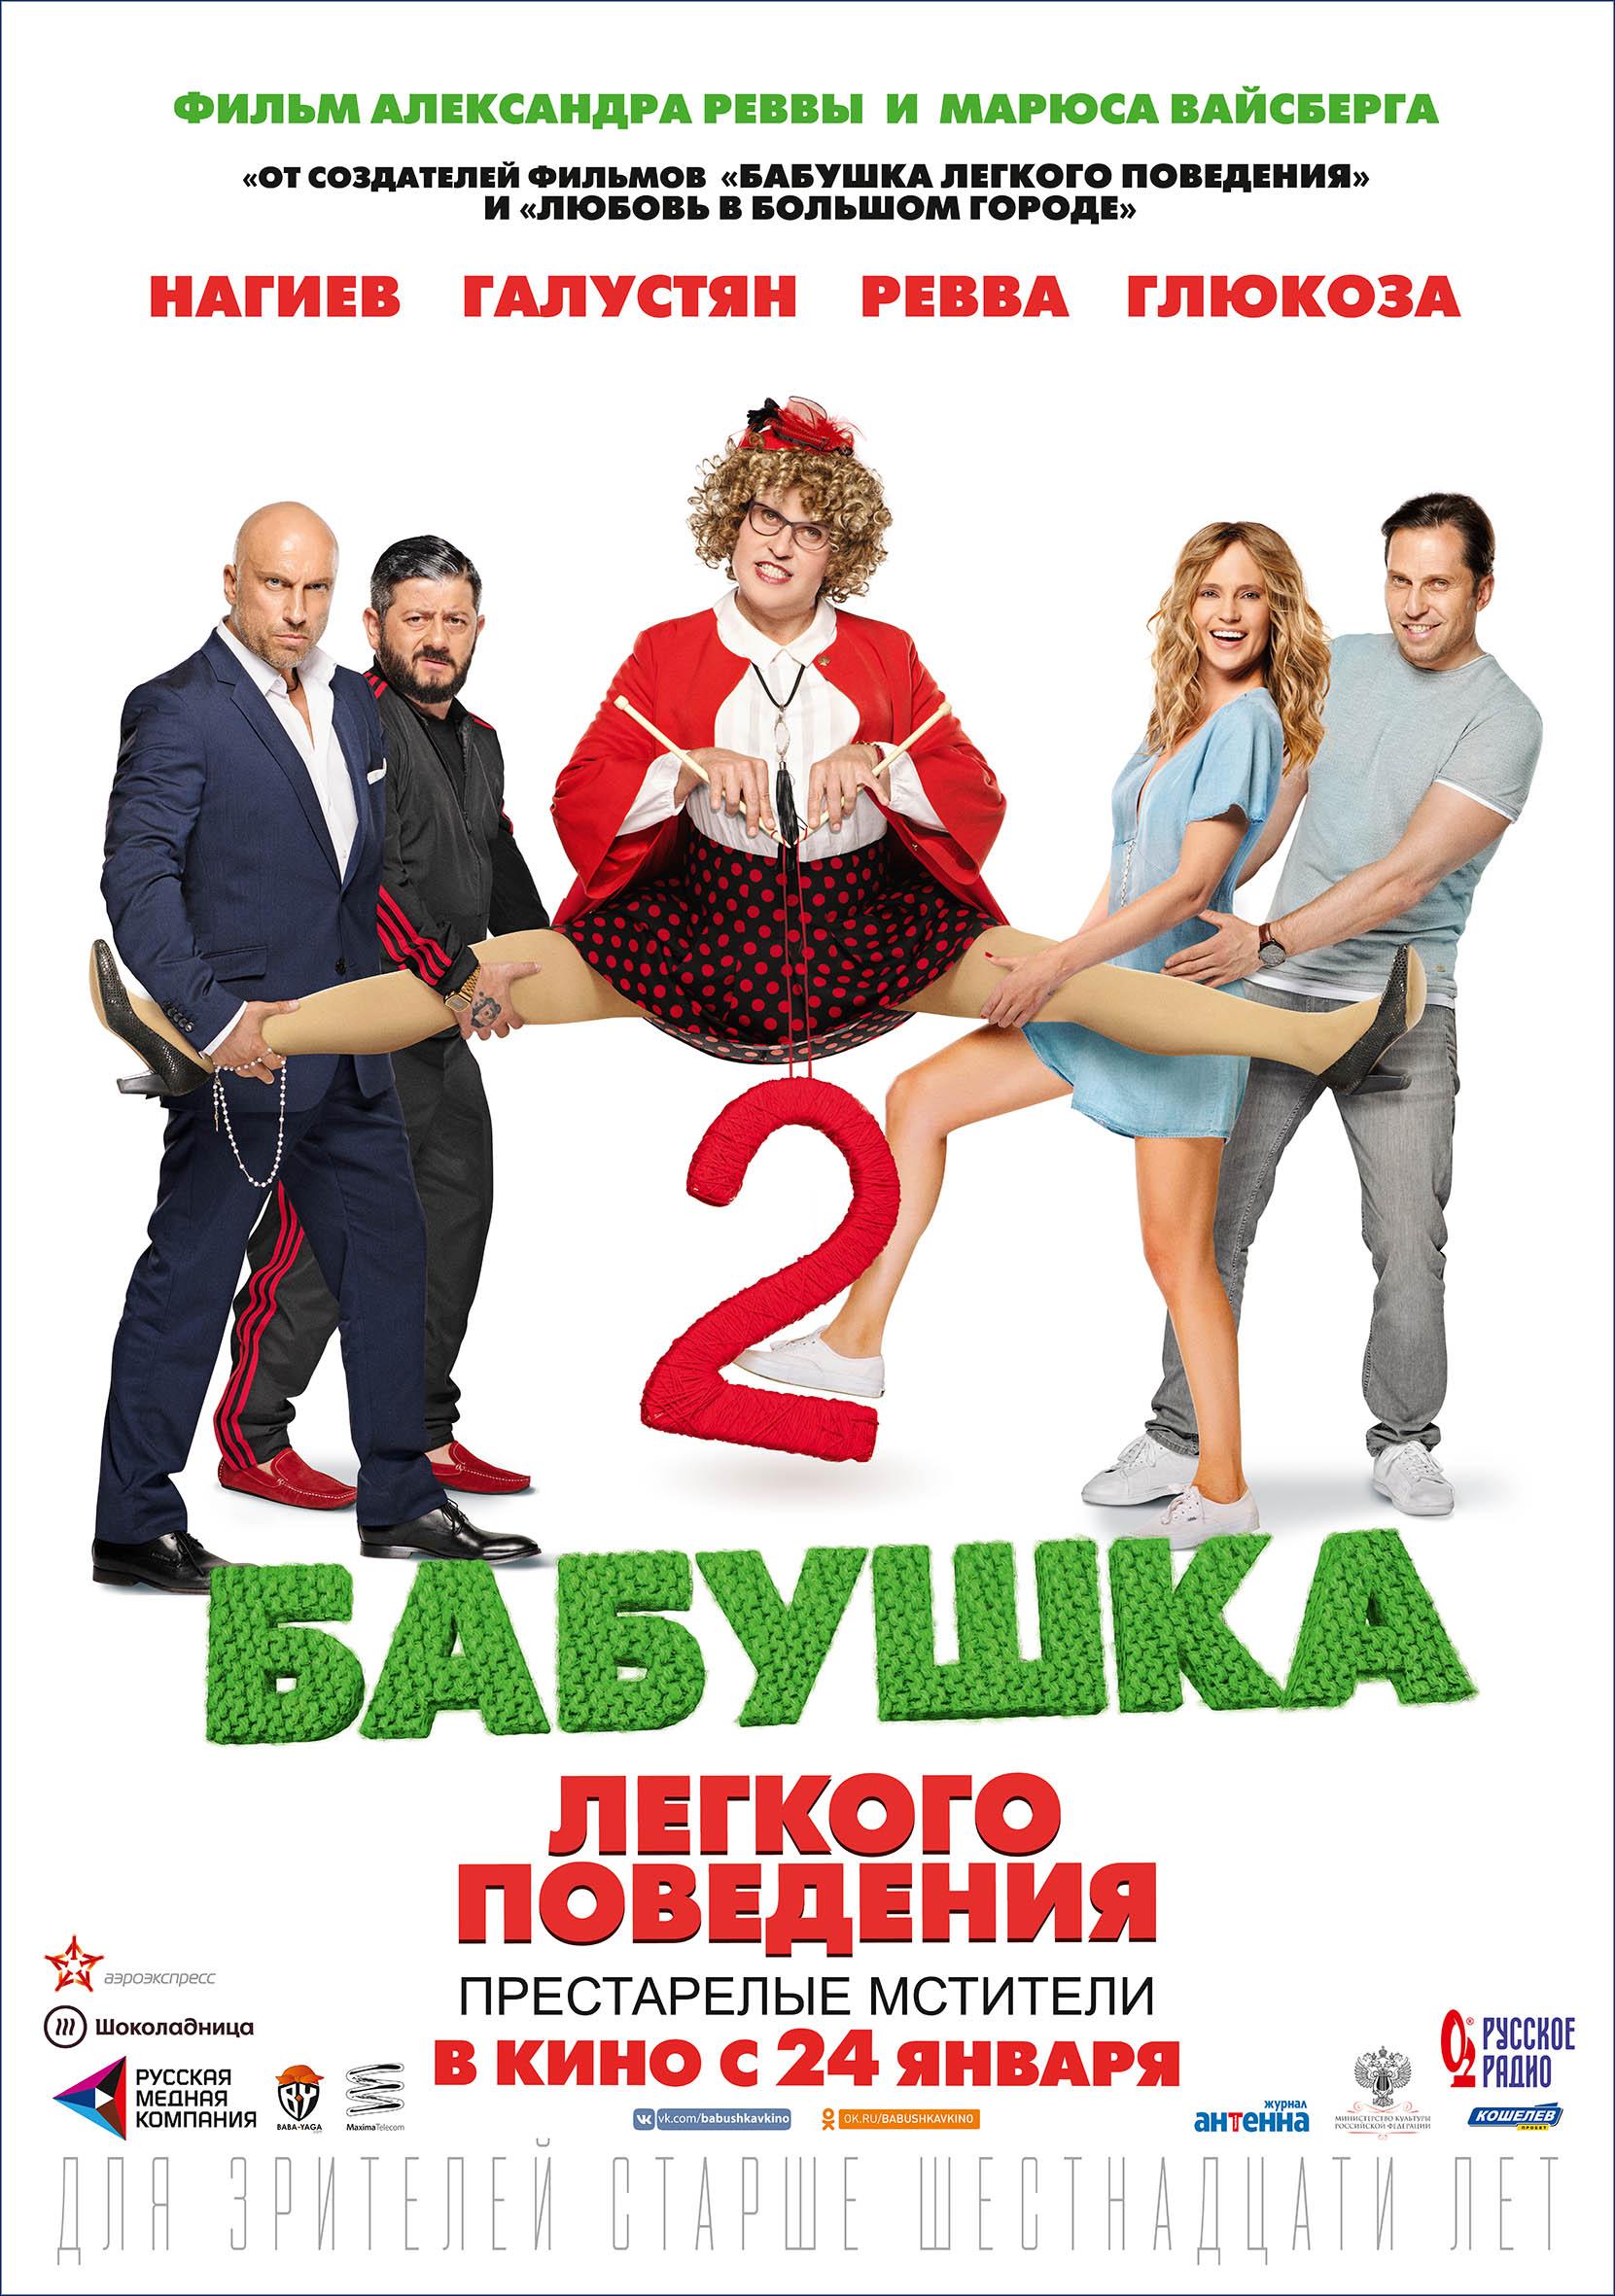 Афиша кино в г барнауле кукольный театр новосибирск купить билет